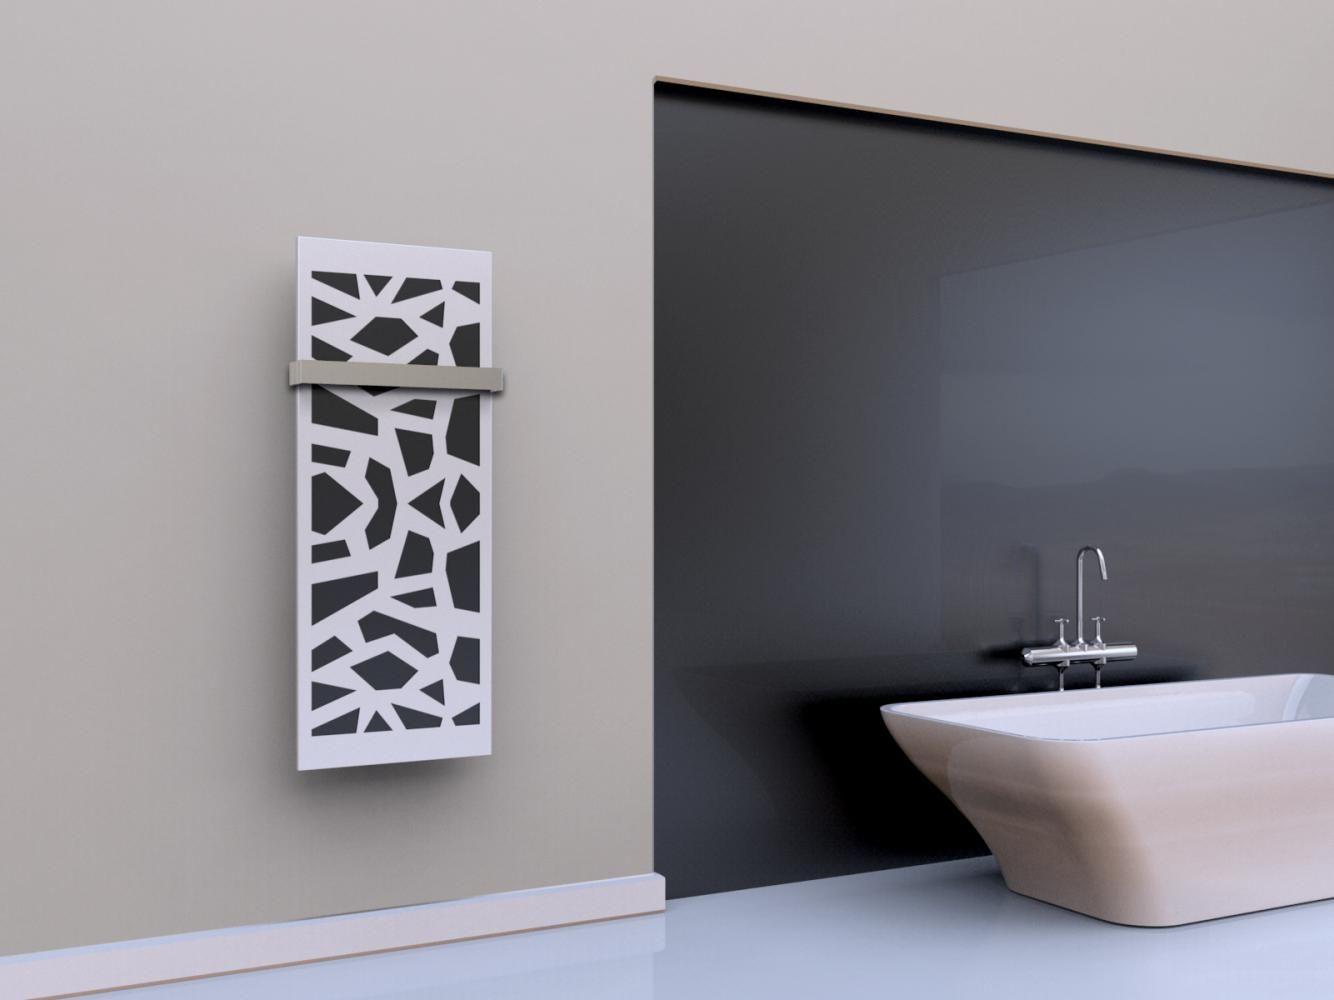 Badezimmer Heizkörper ~ Die besten handtuchhalter badheizkörper ideen auf